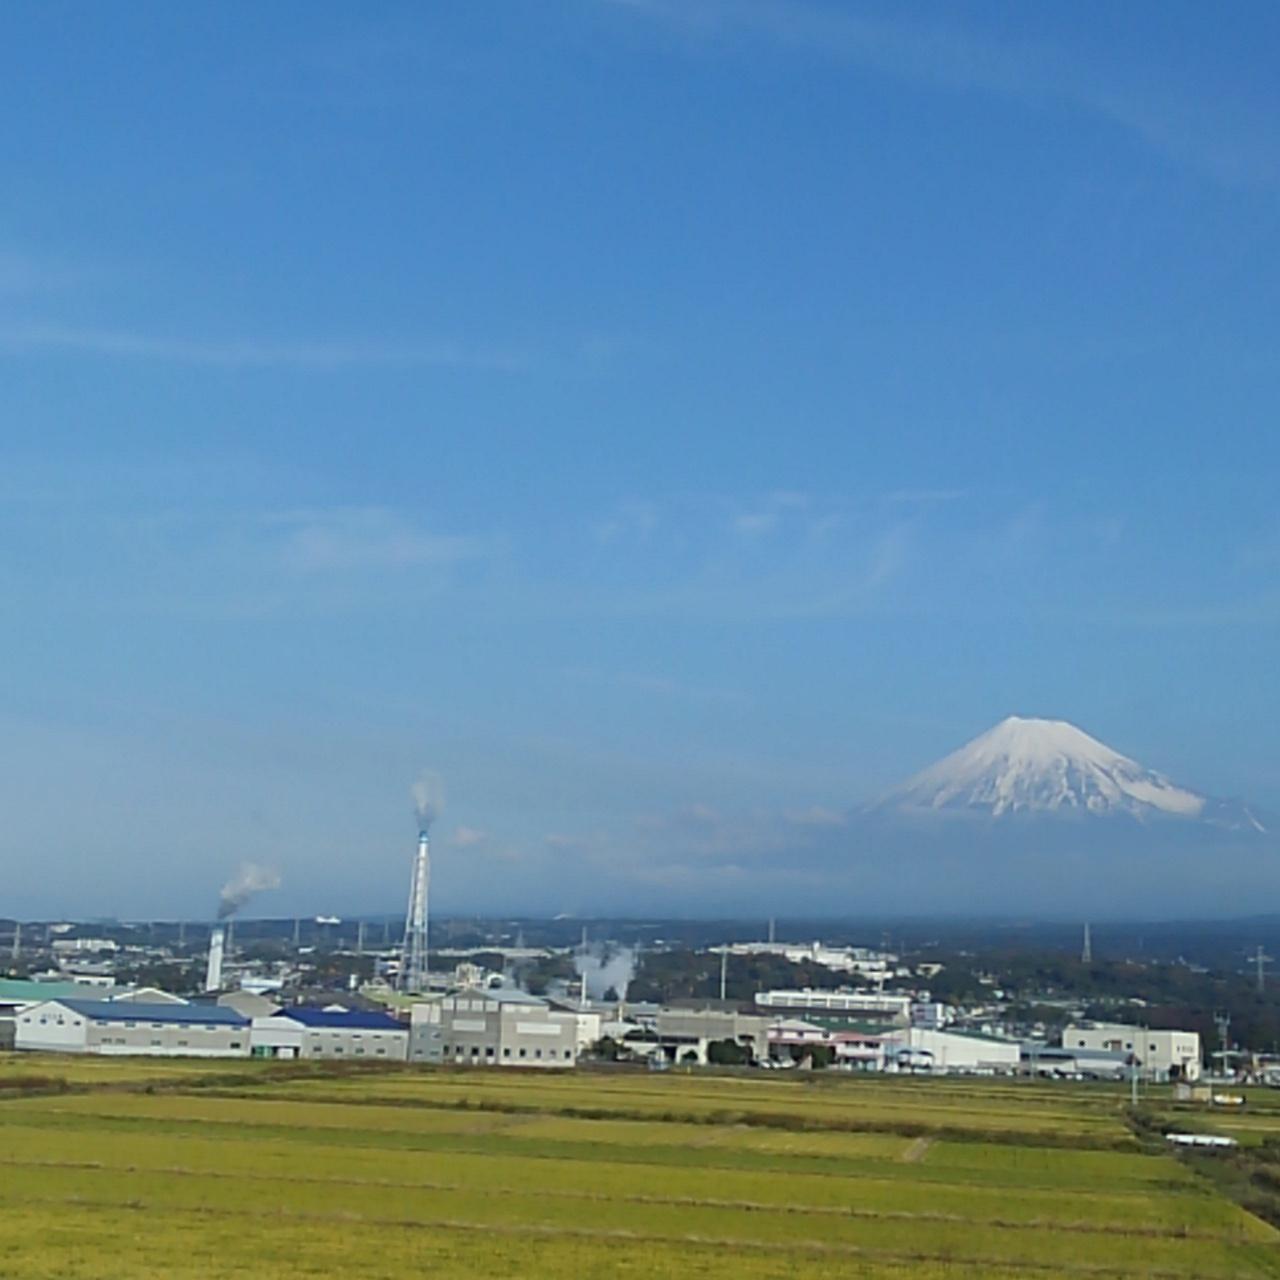 パンダの大好きな雪を頂いた富士山_b0096957_09104747.jpg